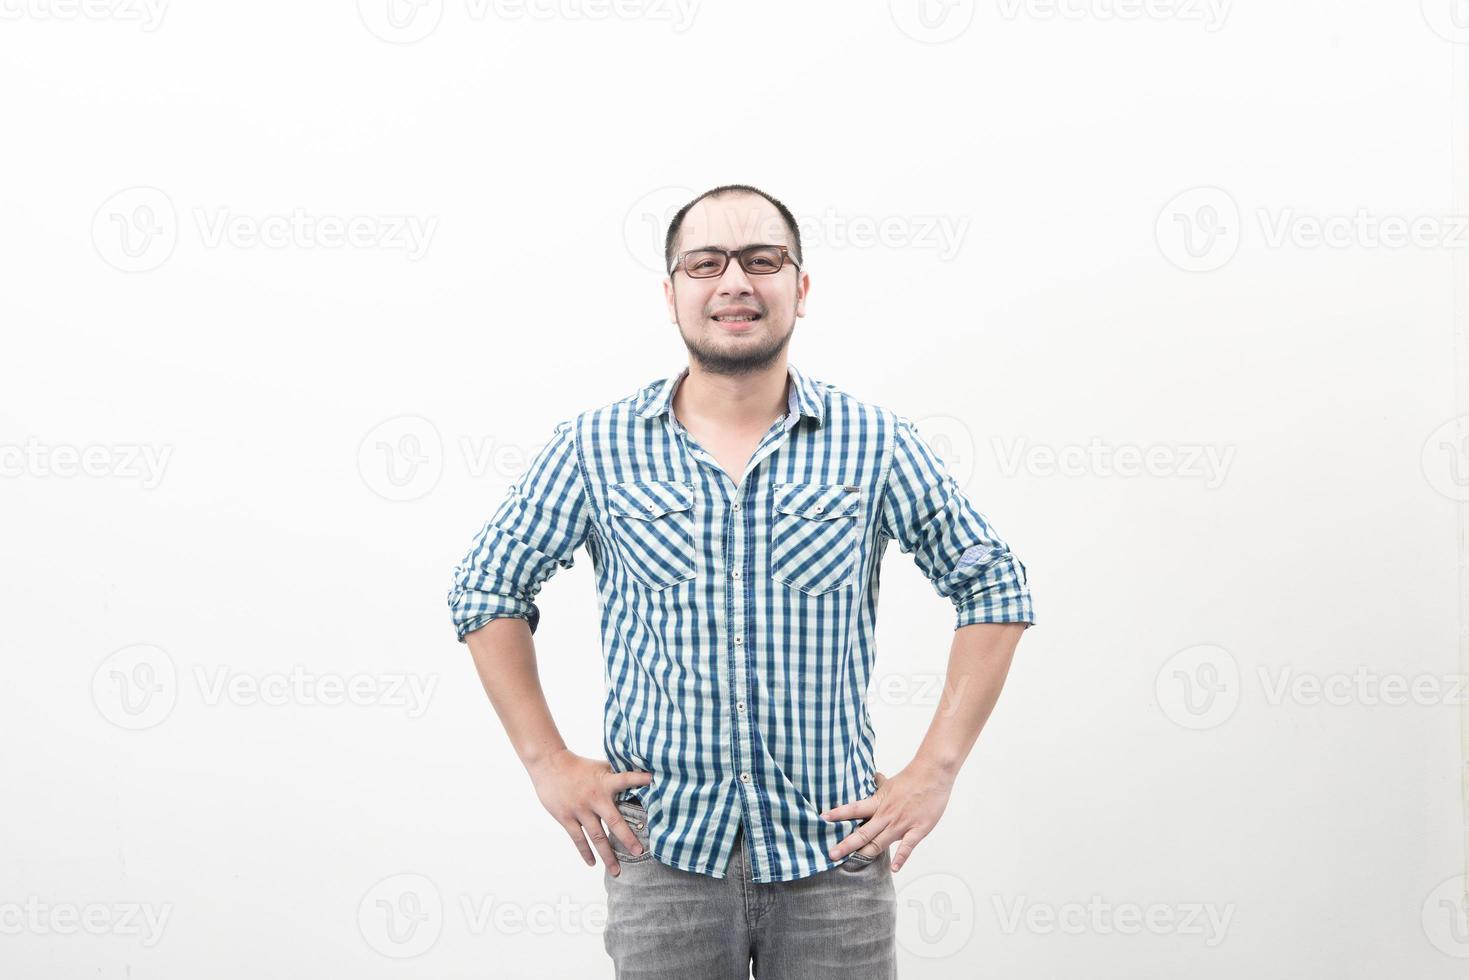 knappe gelukkig Aziatische man geïsoleerd op een witte achtergrond foto